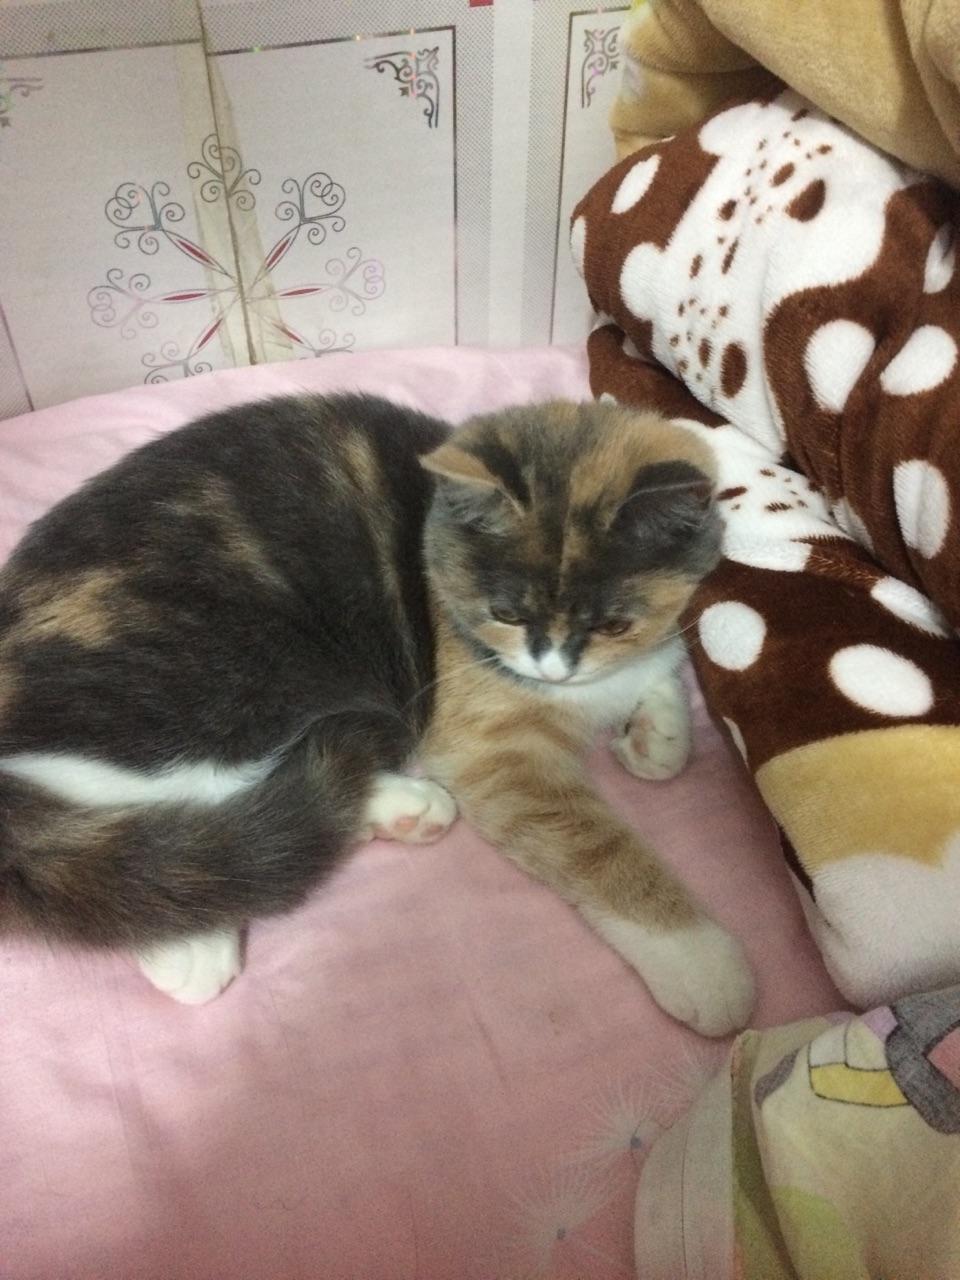 寵物貓,希望能有一位愛貓之人領養。,